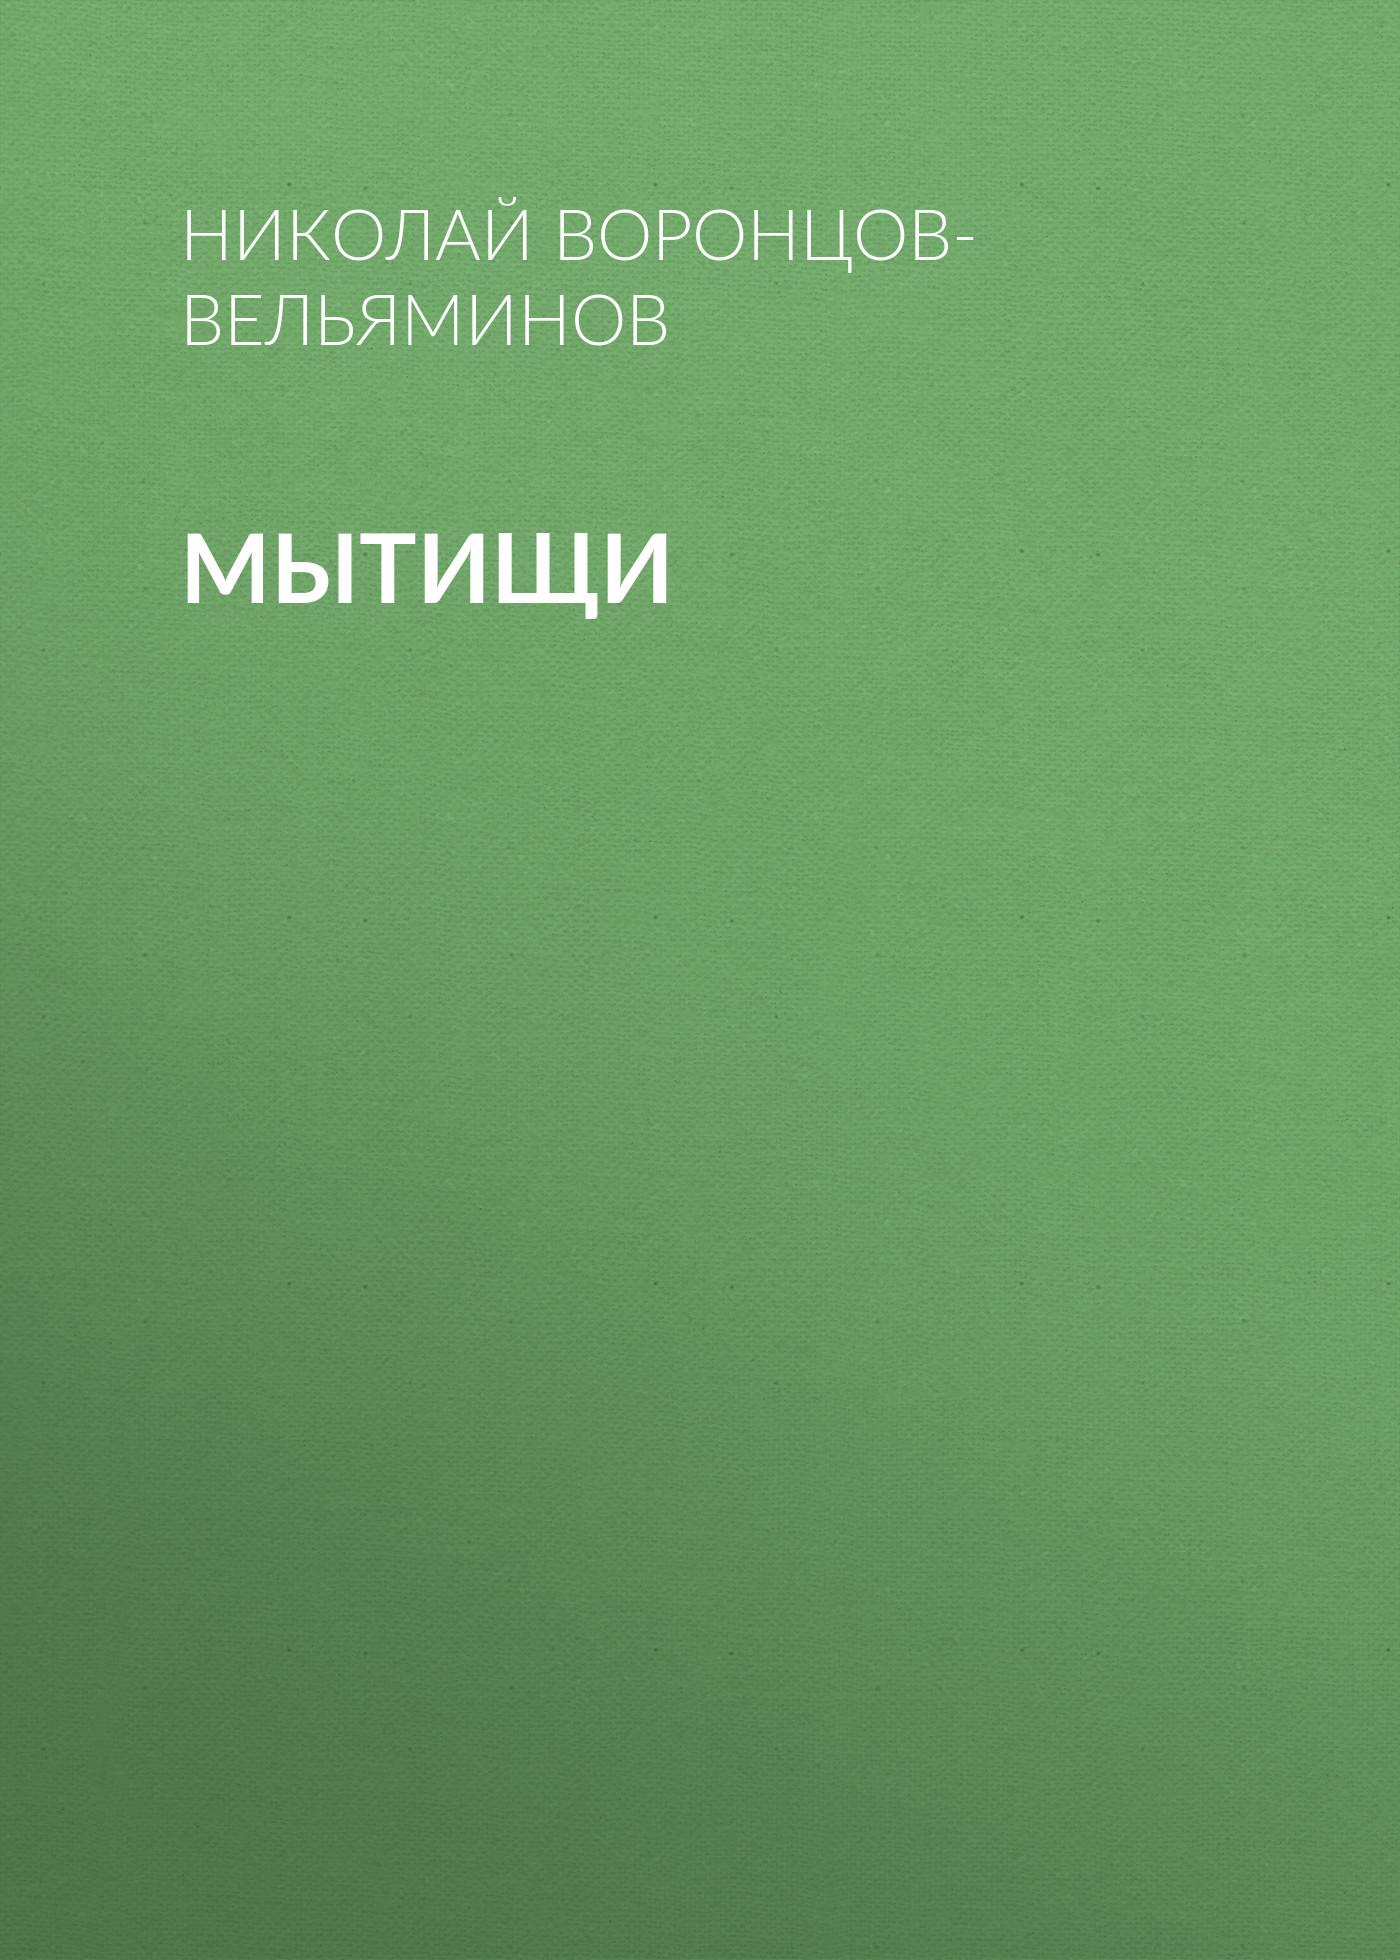 Николай оронцо-ельямино